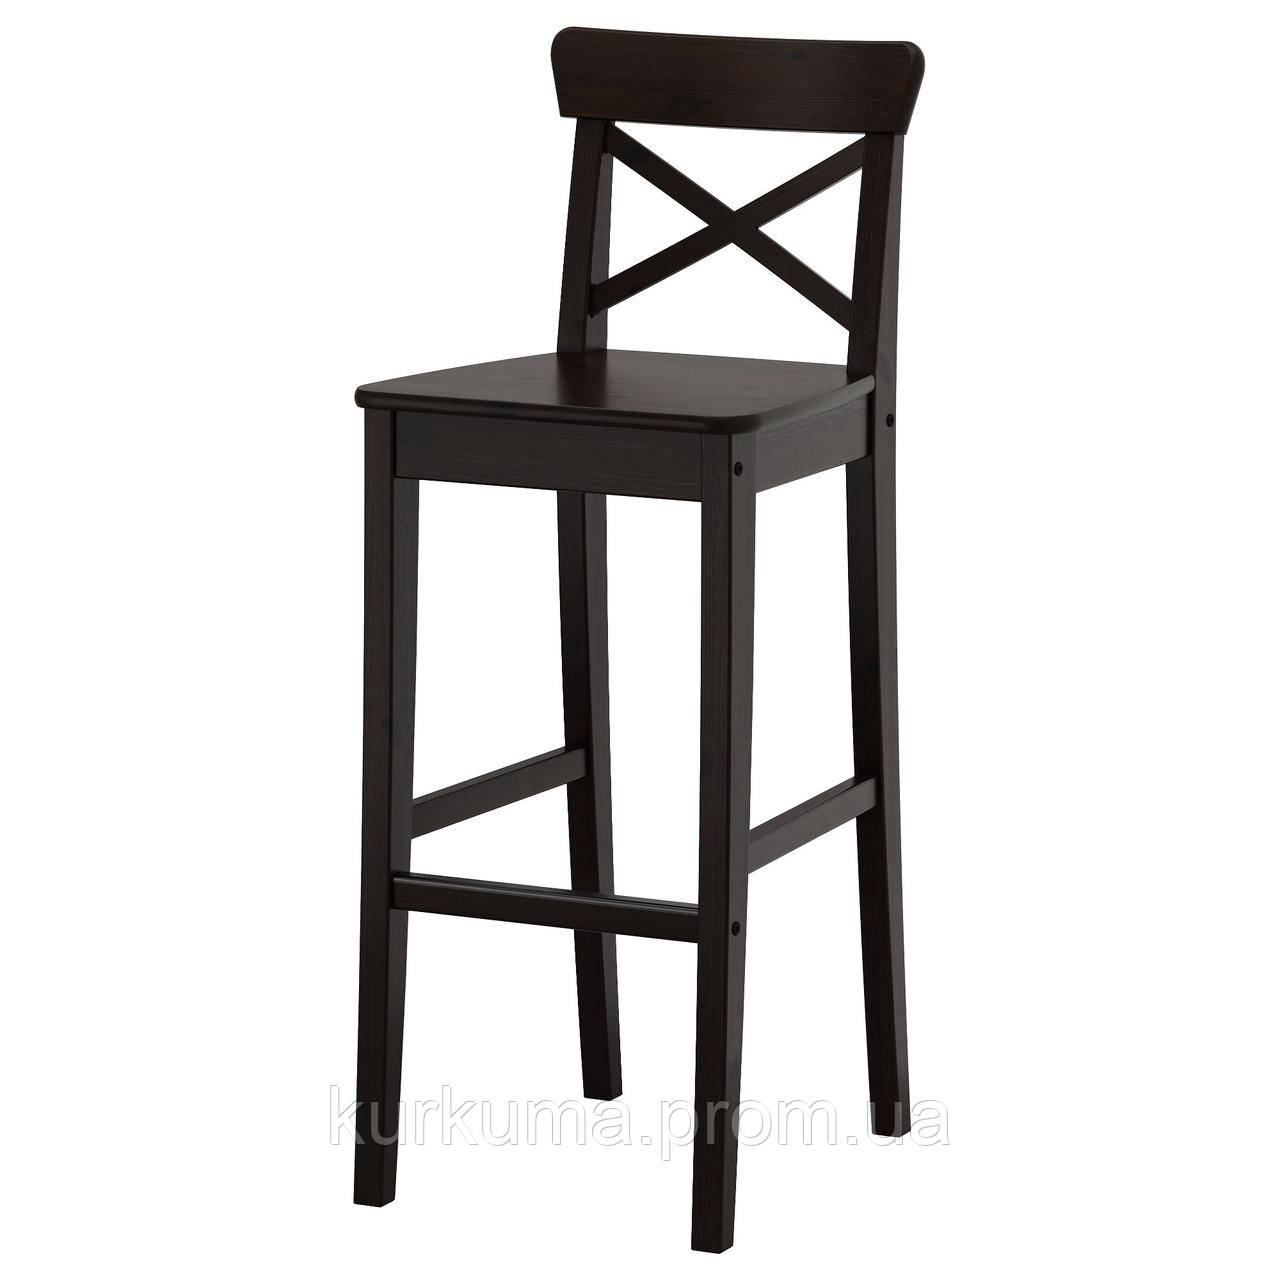 IKEA INGOLF Барный стул со спинкой, бронза  (902.485.15)